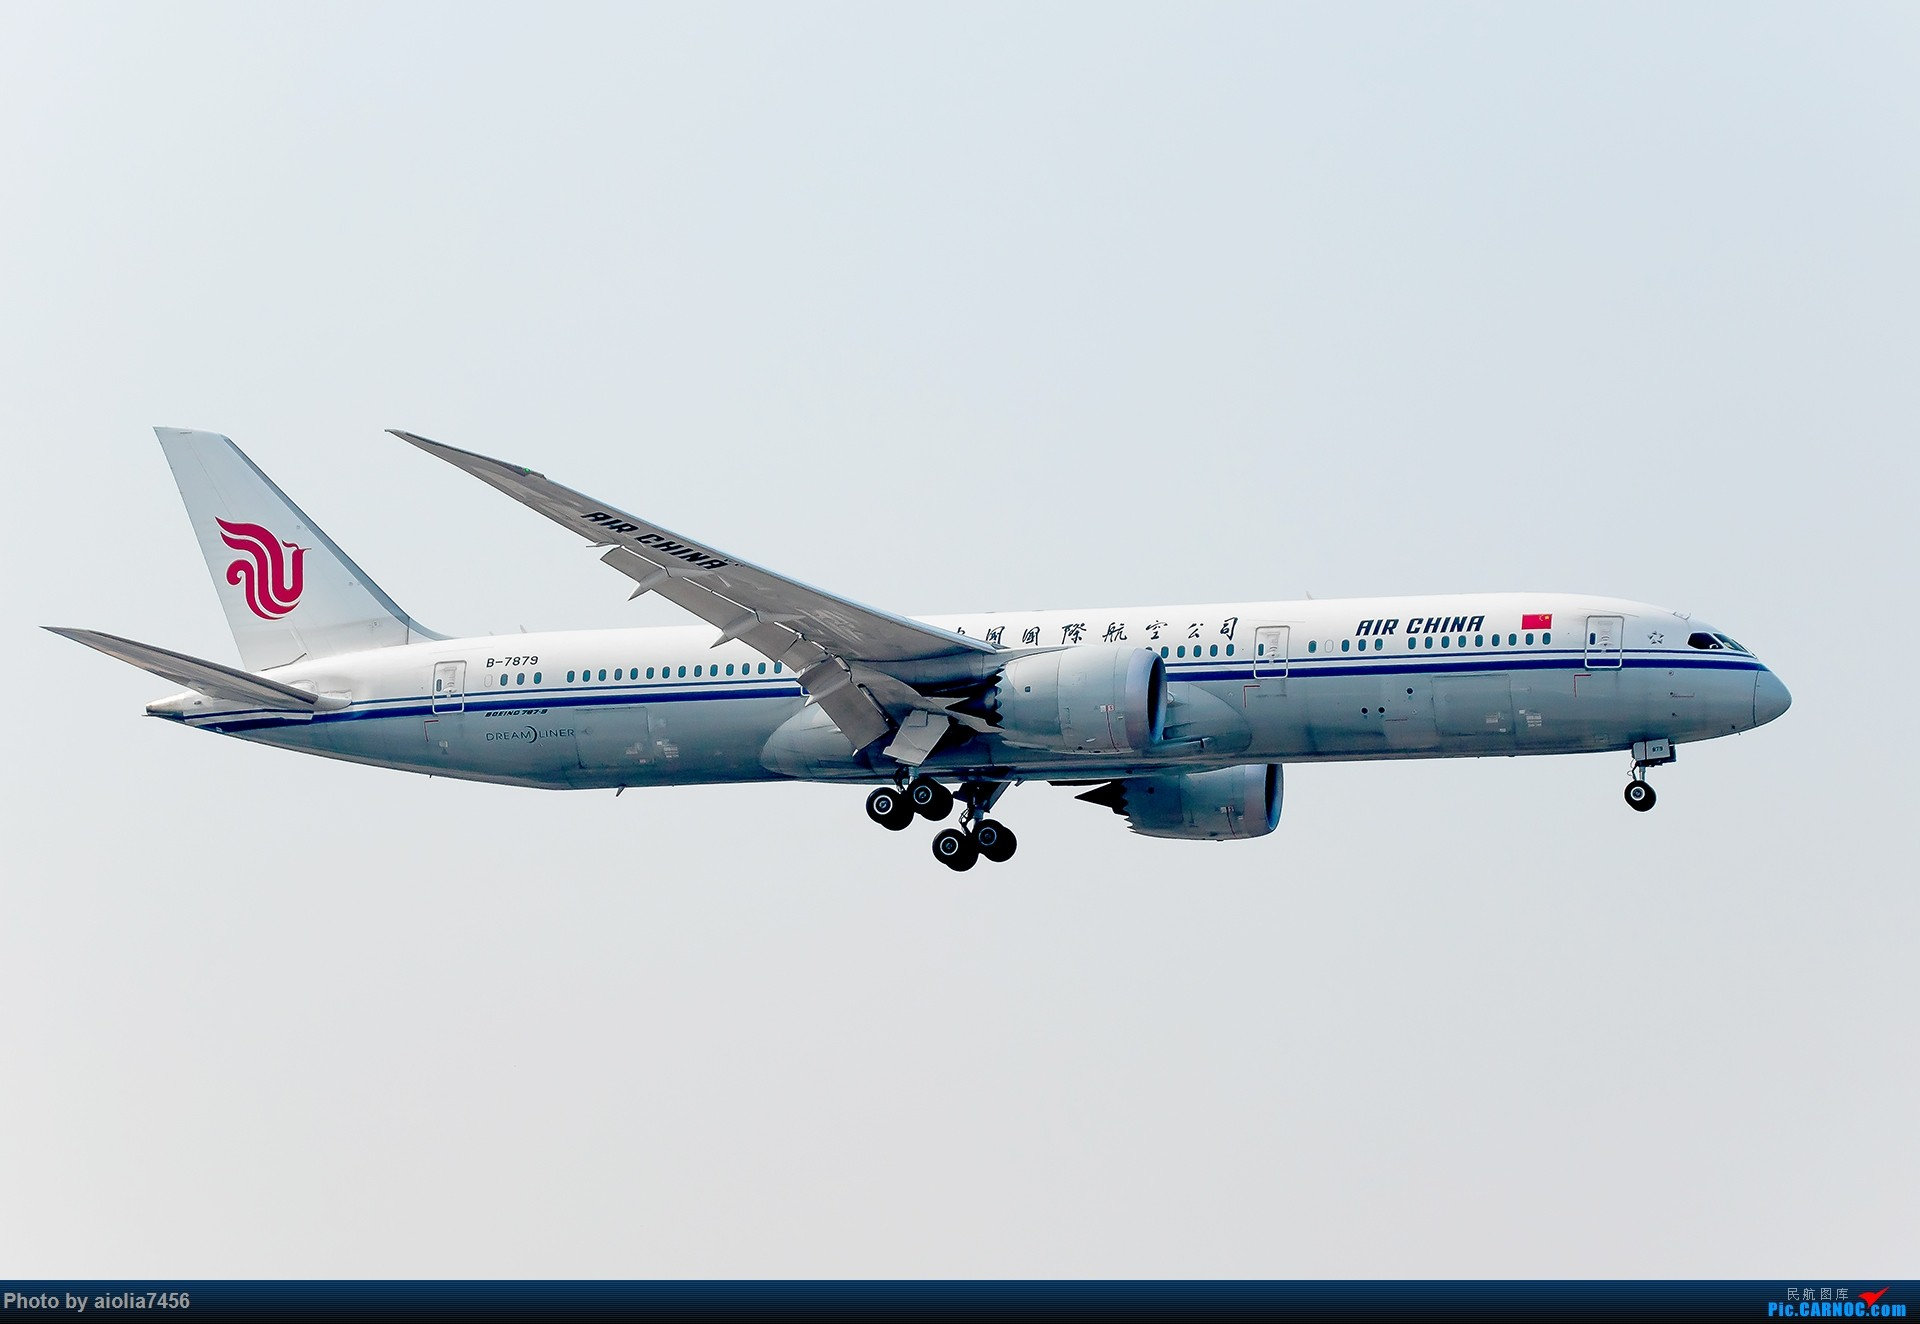 Re:[霸都打机队]摸摸怀中的7D2,好宝宝,跟了新的主人你要乖乖听话哦,离开我之前,我带你逛一圈ZSSS,最后一次陪我看看那些我们不怎么看得到的宽体吧。 BOEING 787-9 B-7879 中国上海虹桥国际机场